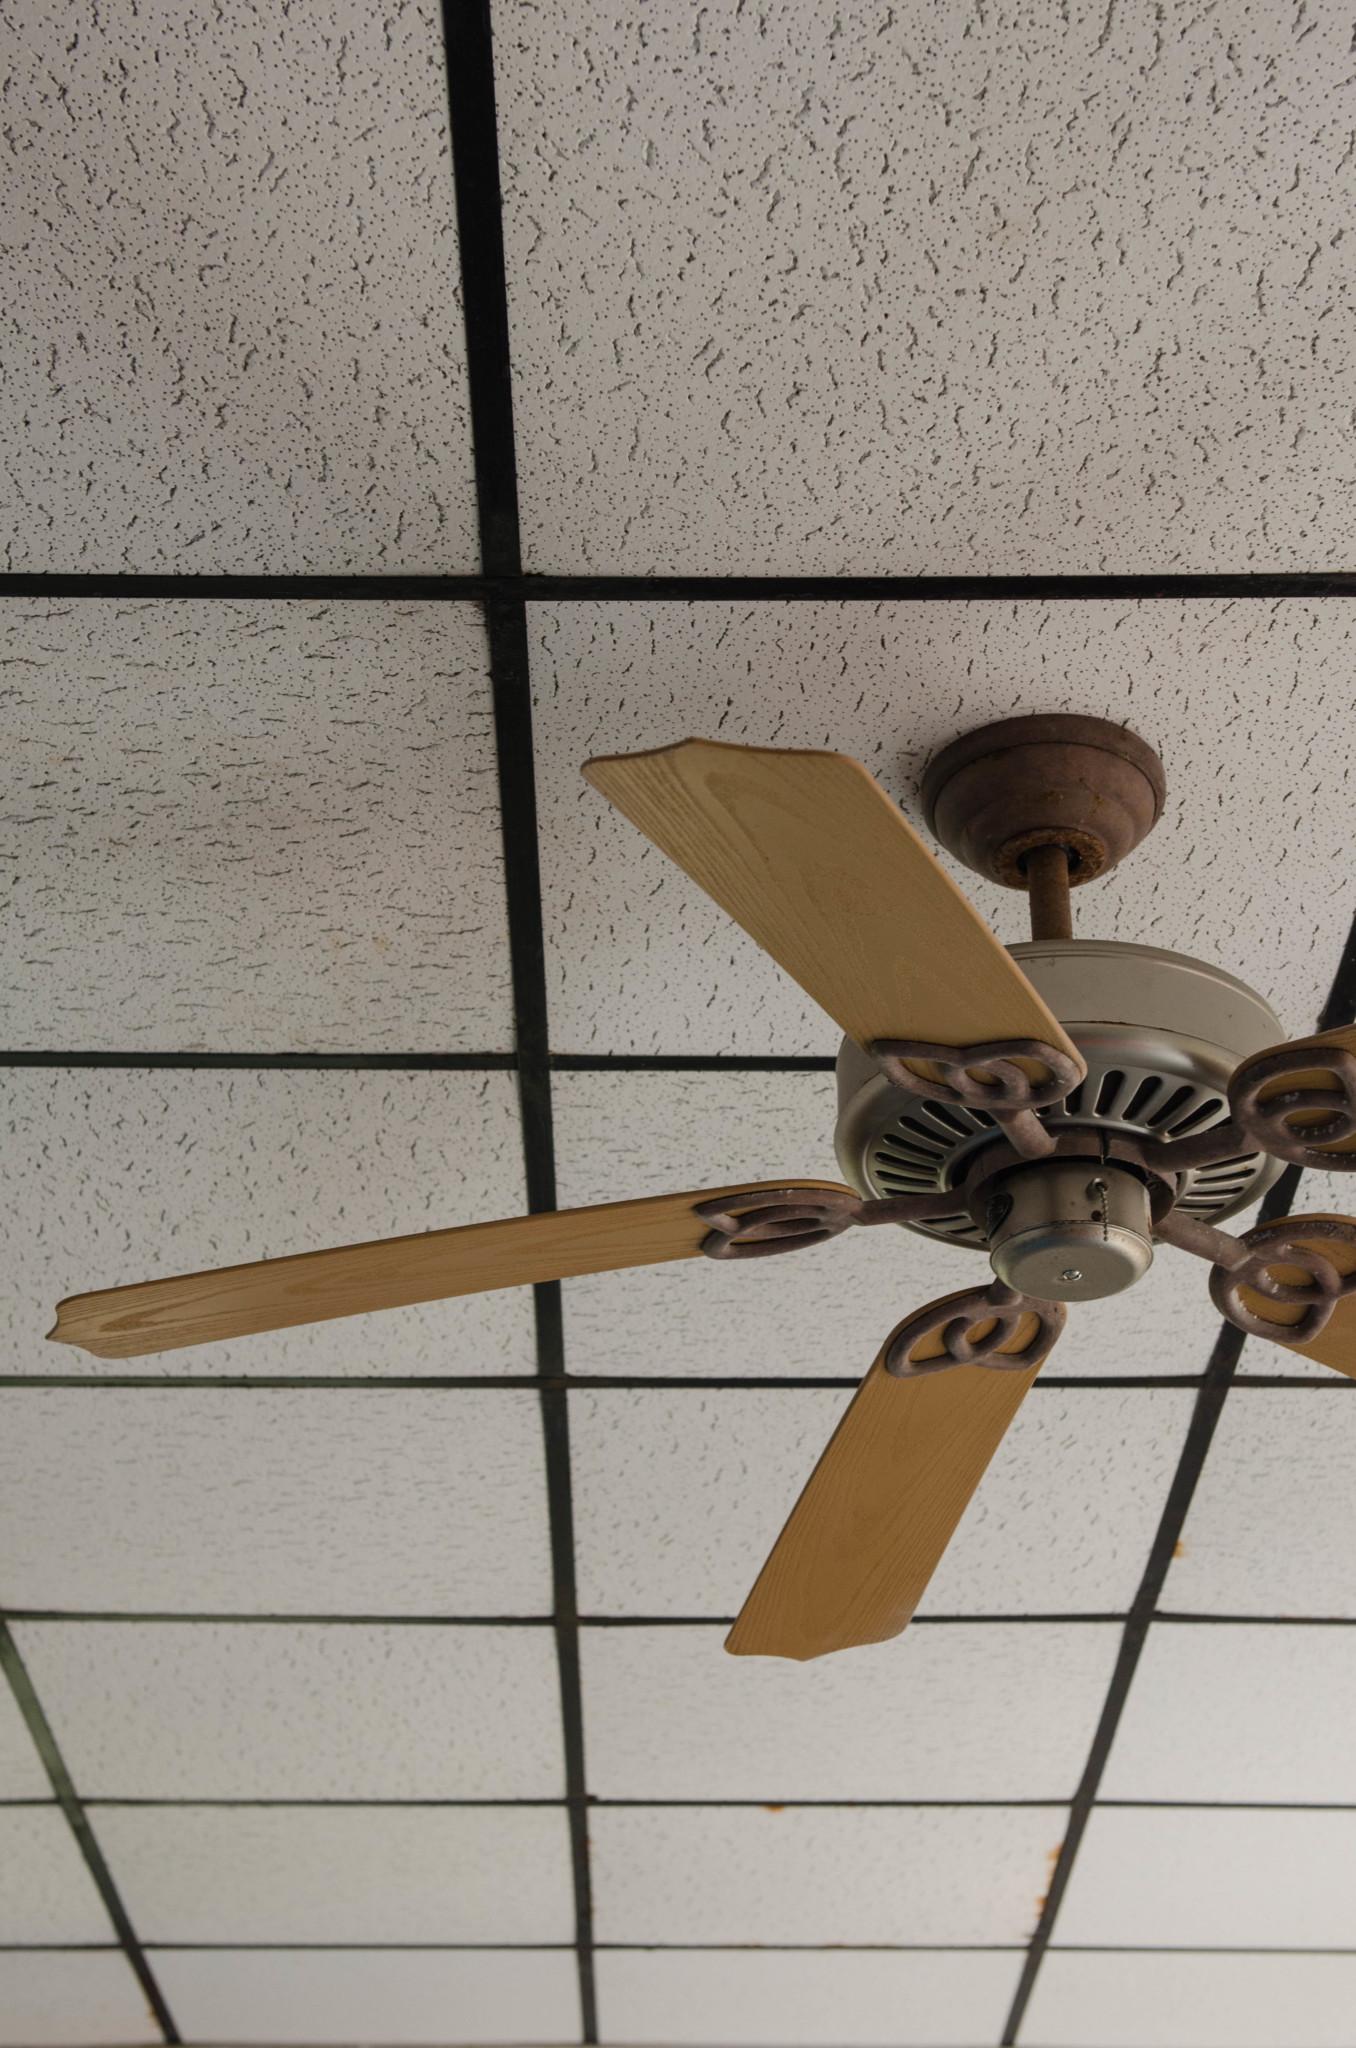 Ein Ventilator im Aufenthaltsraum